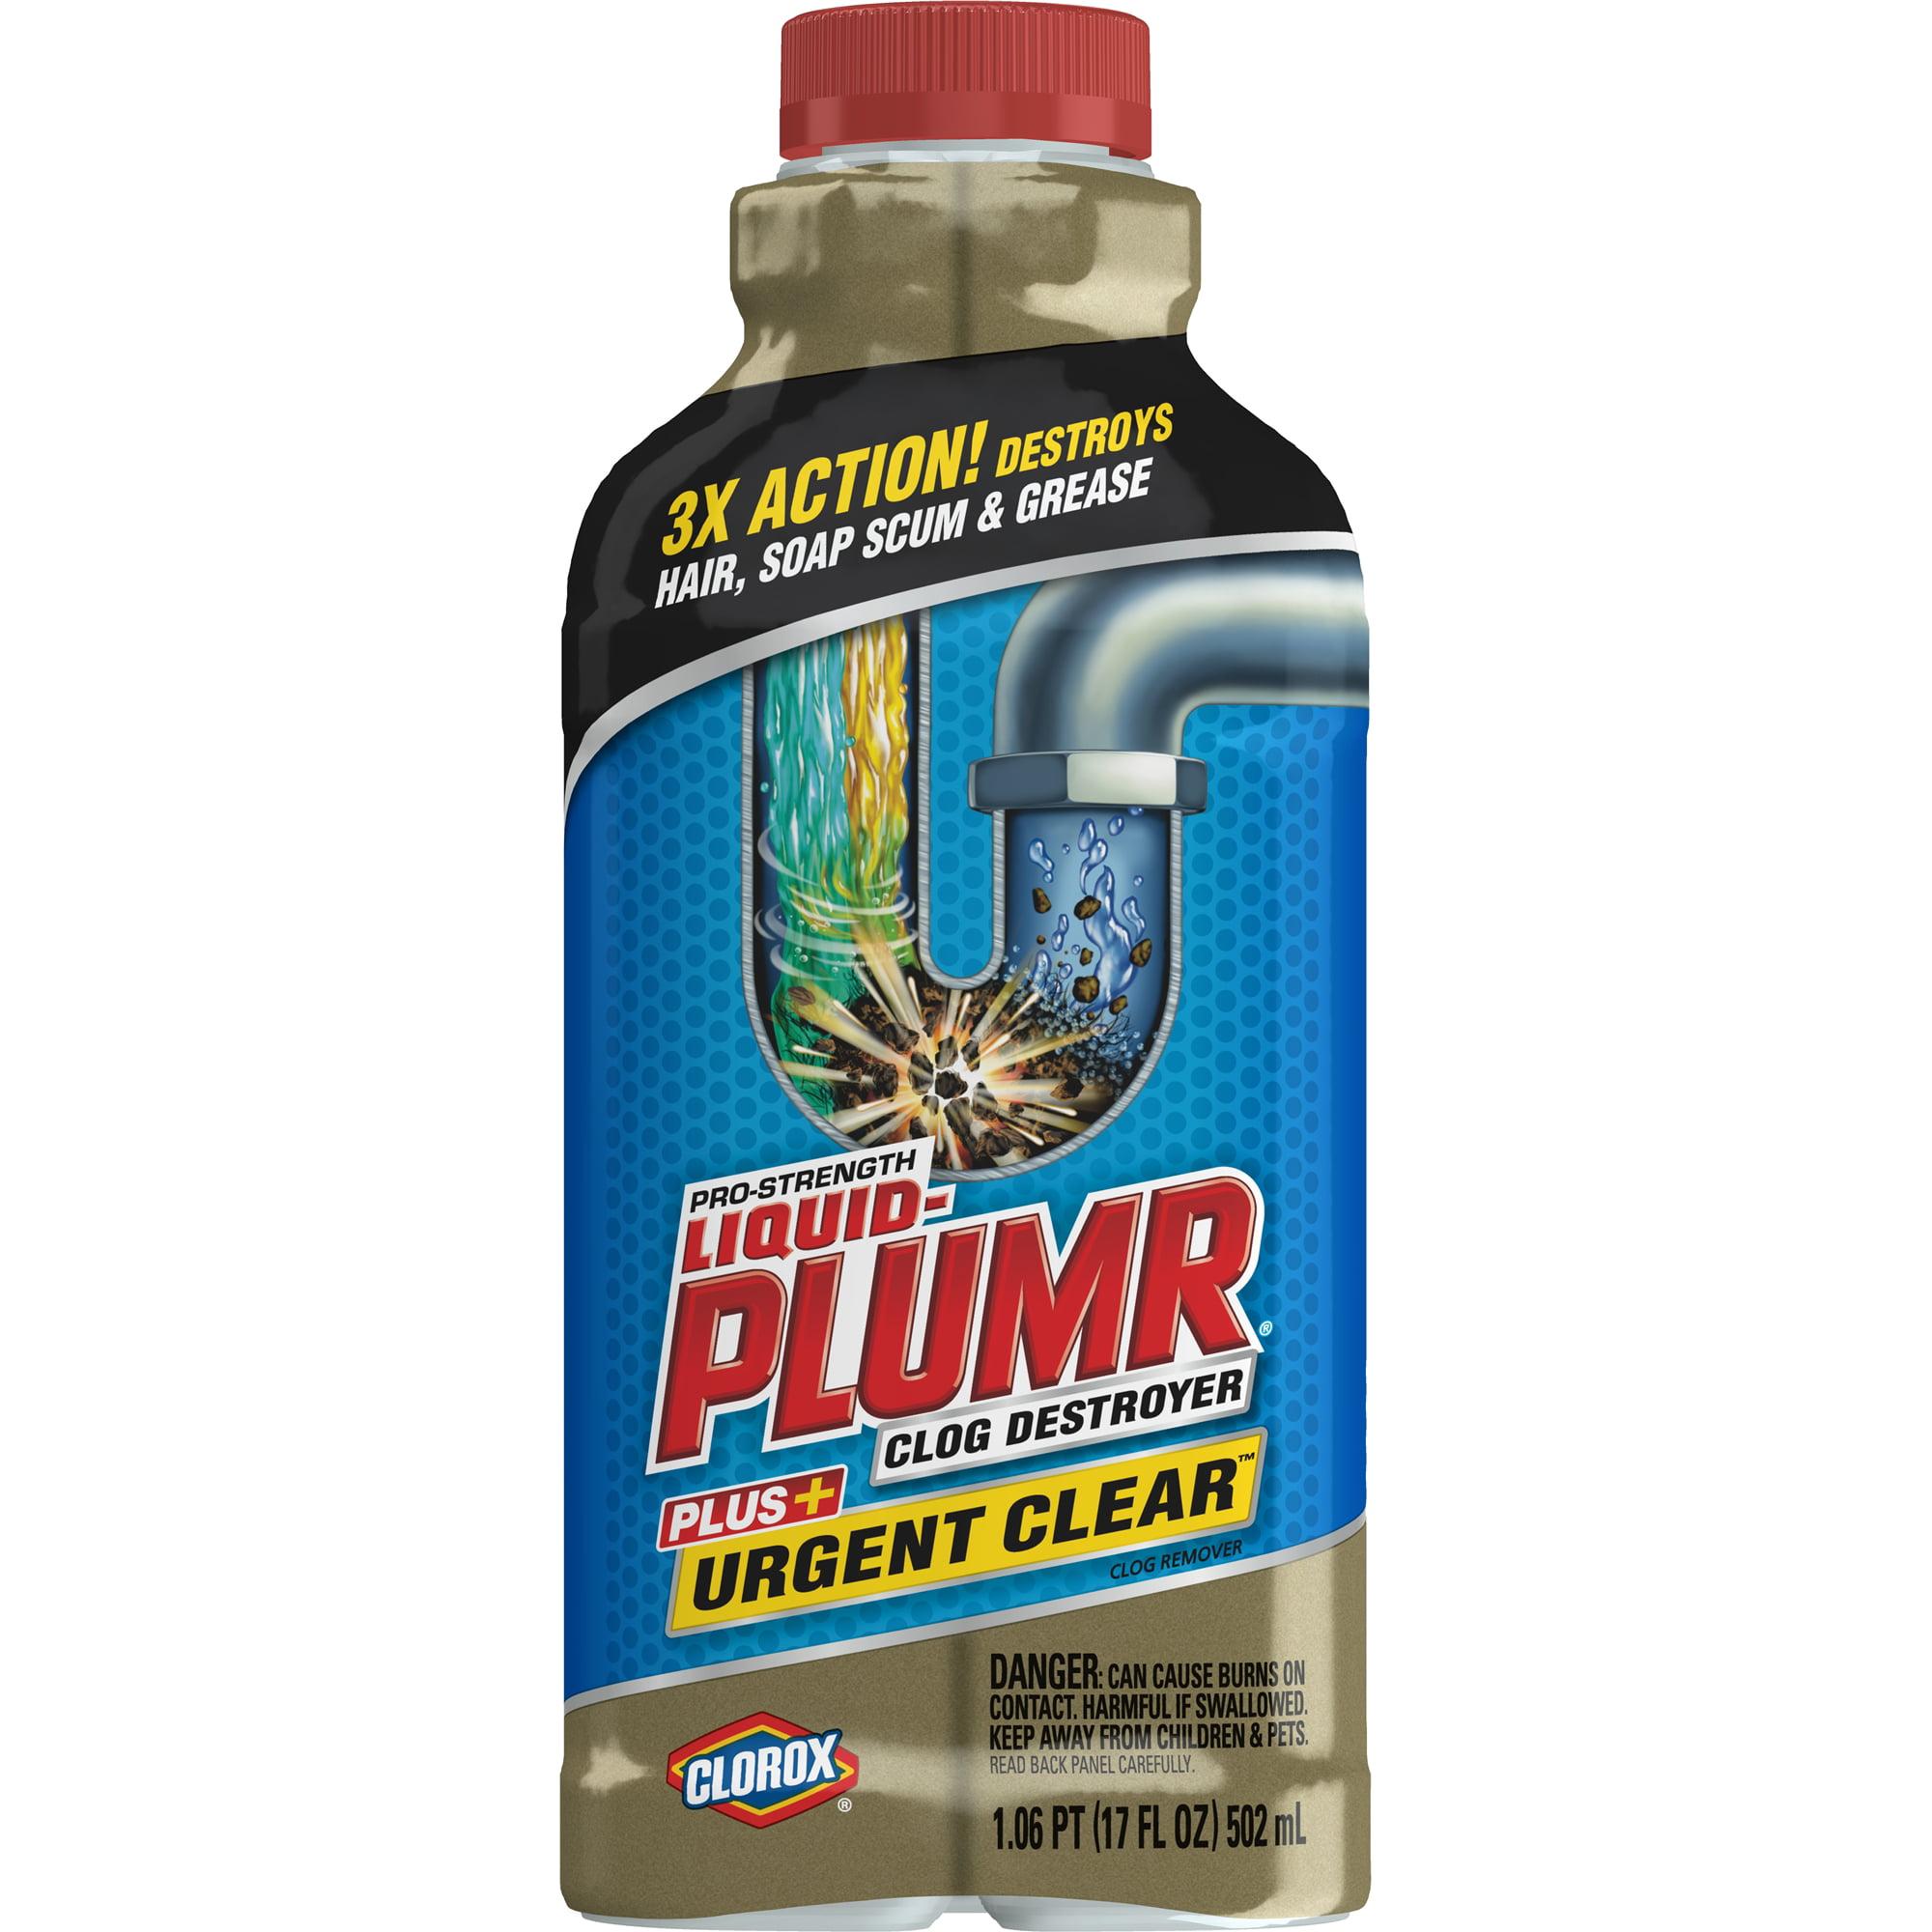 Liquid-Plumr Pro-Strength Clog Remover, Urgent Clear, 17 oz